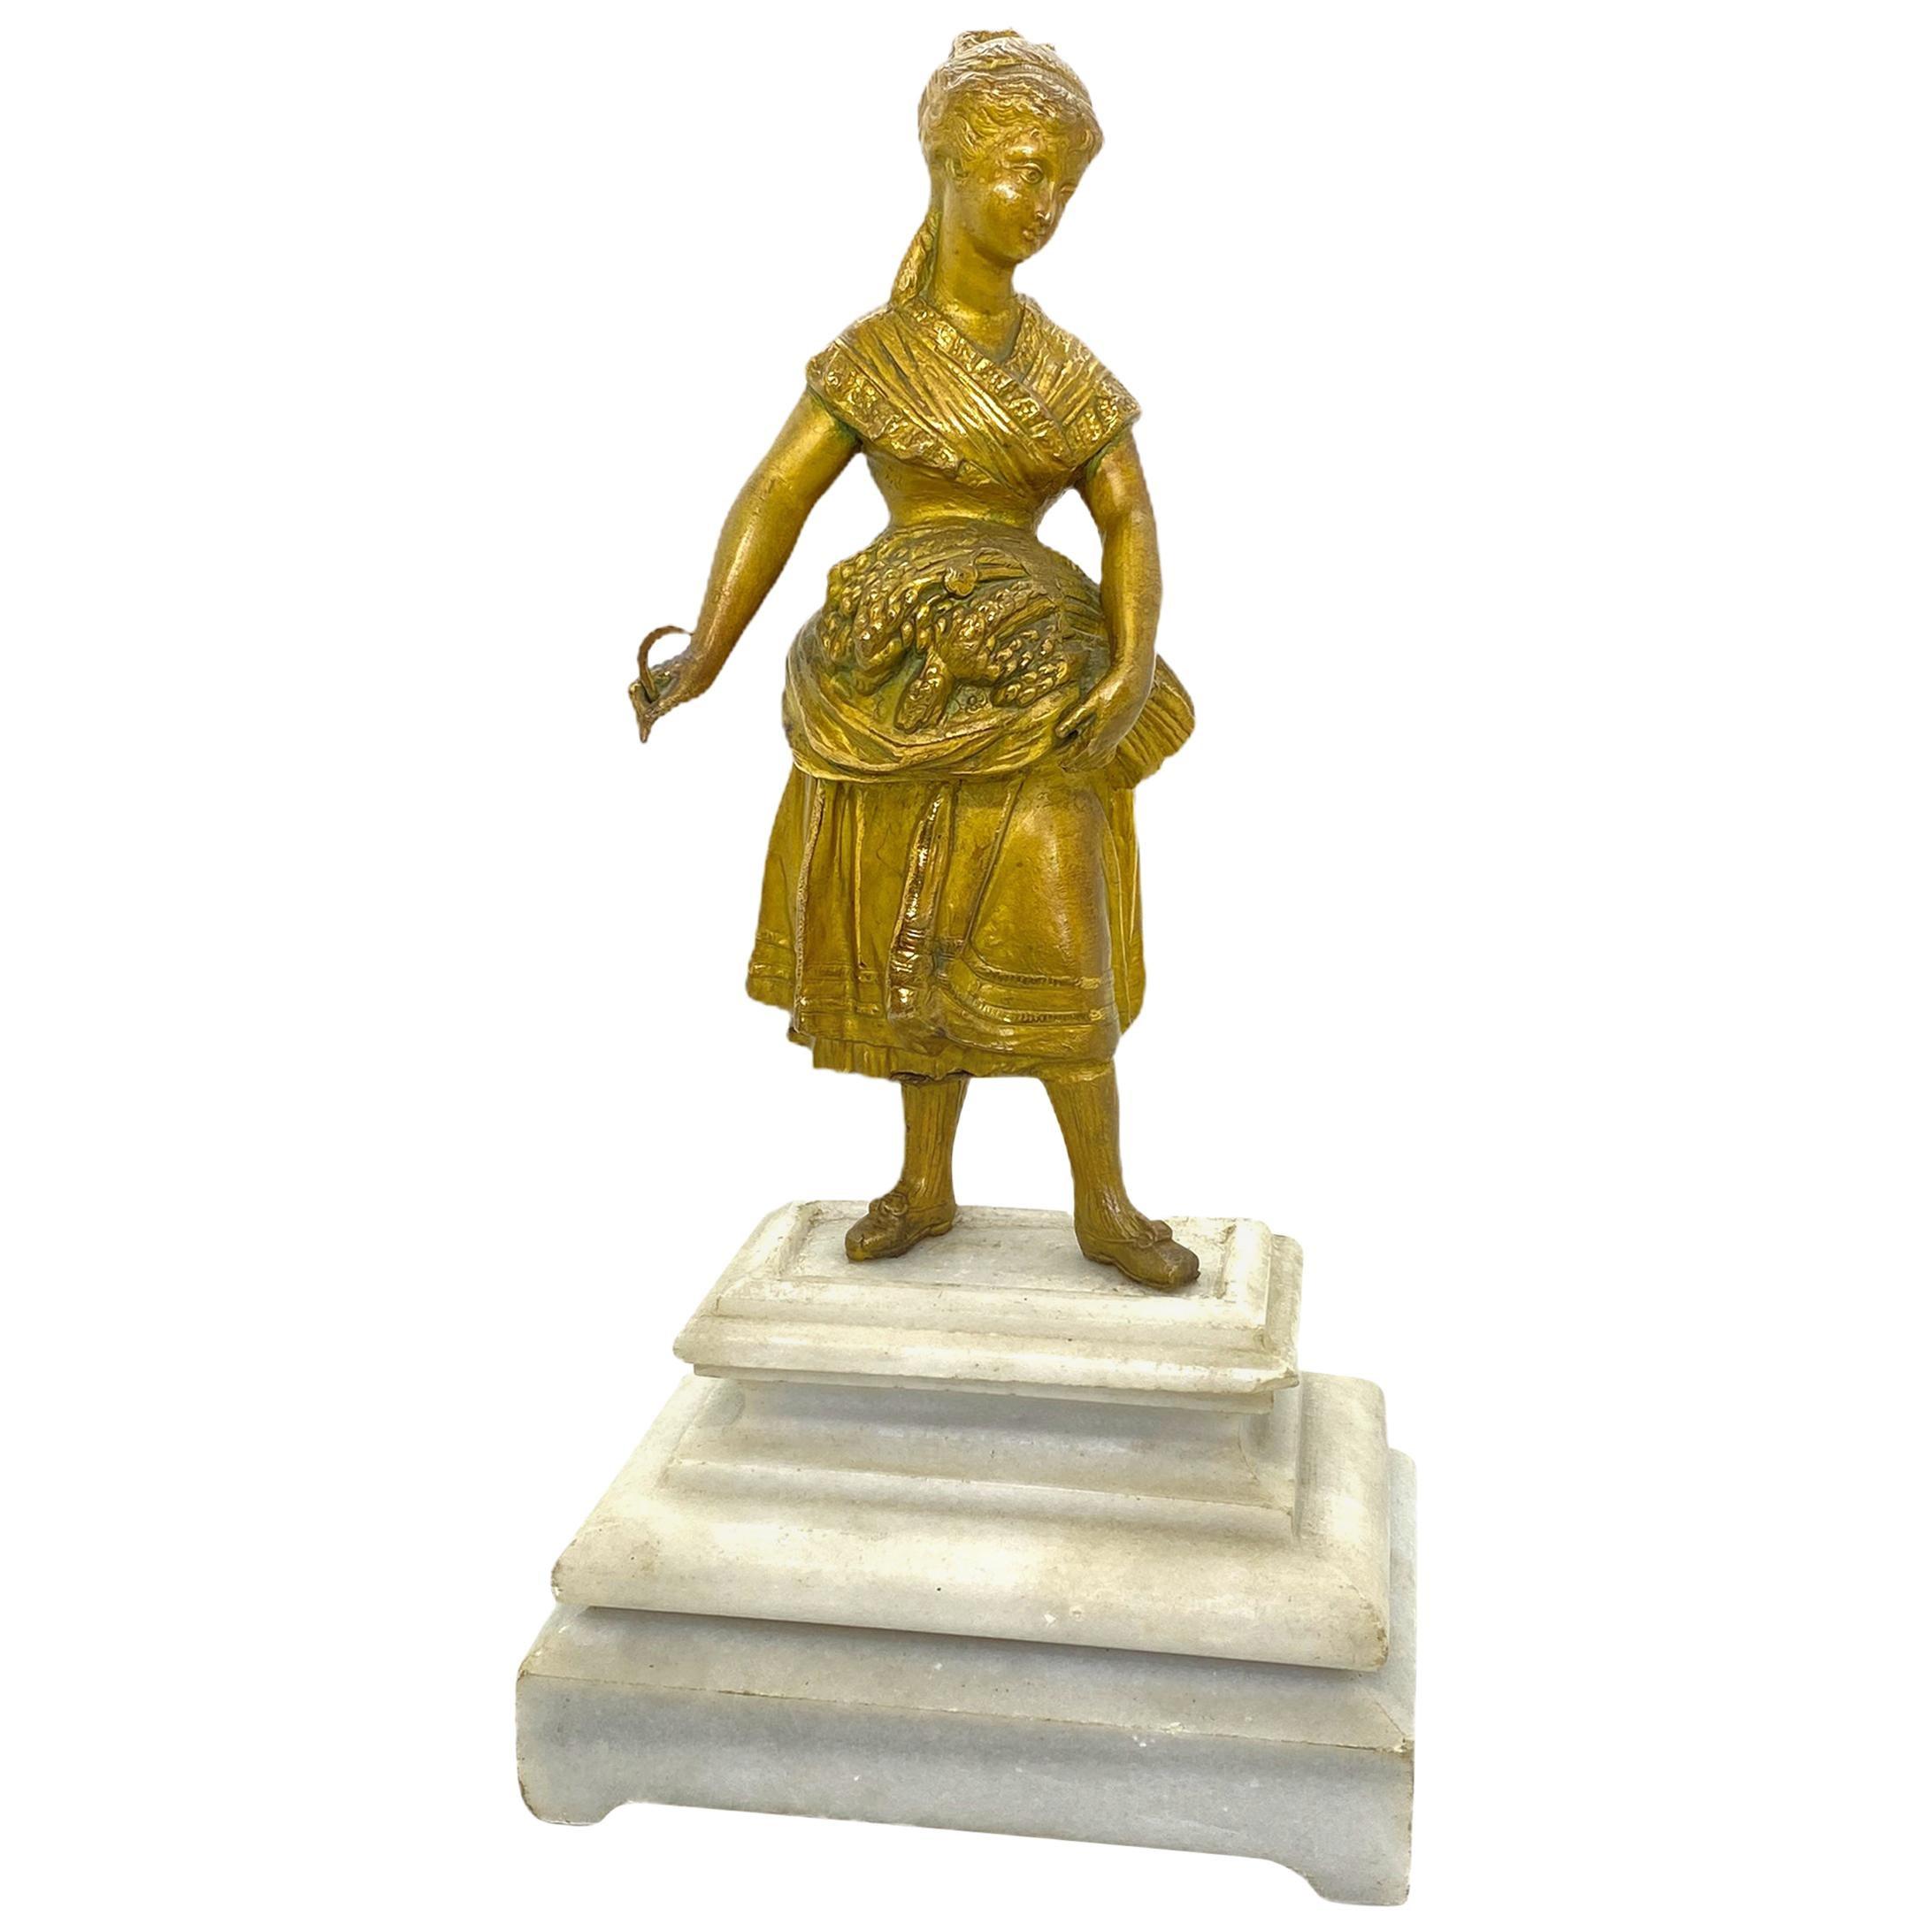 Beautiful Farmer Maid Statue on Marble Base, Vintage 1890s, Austria